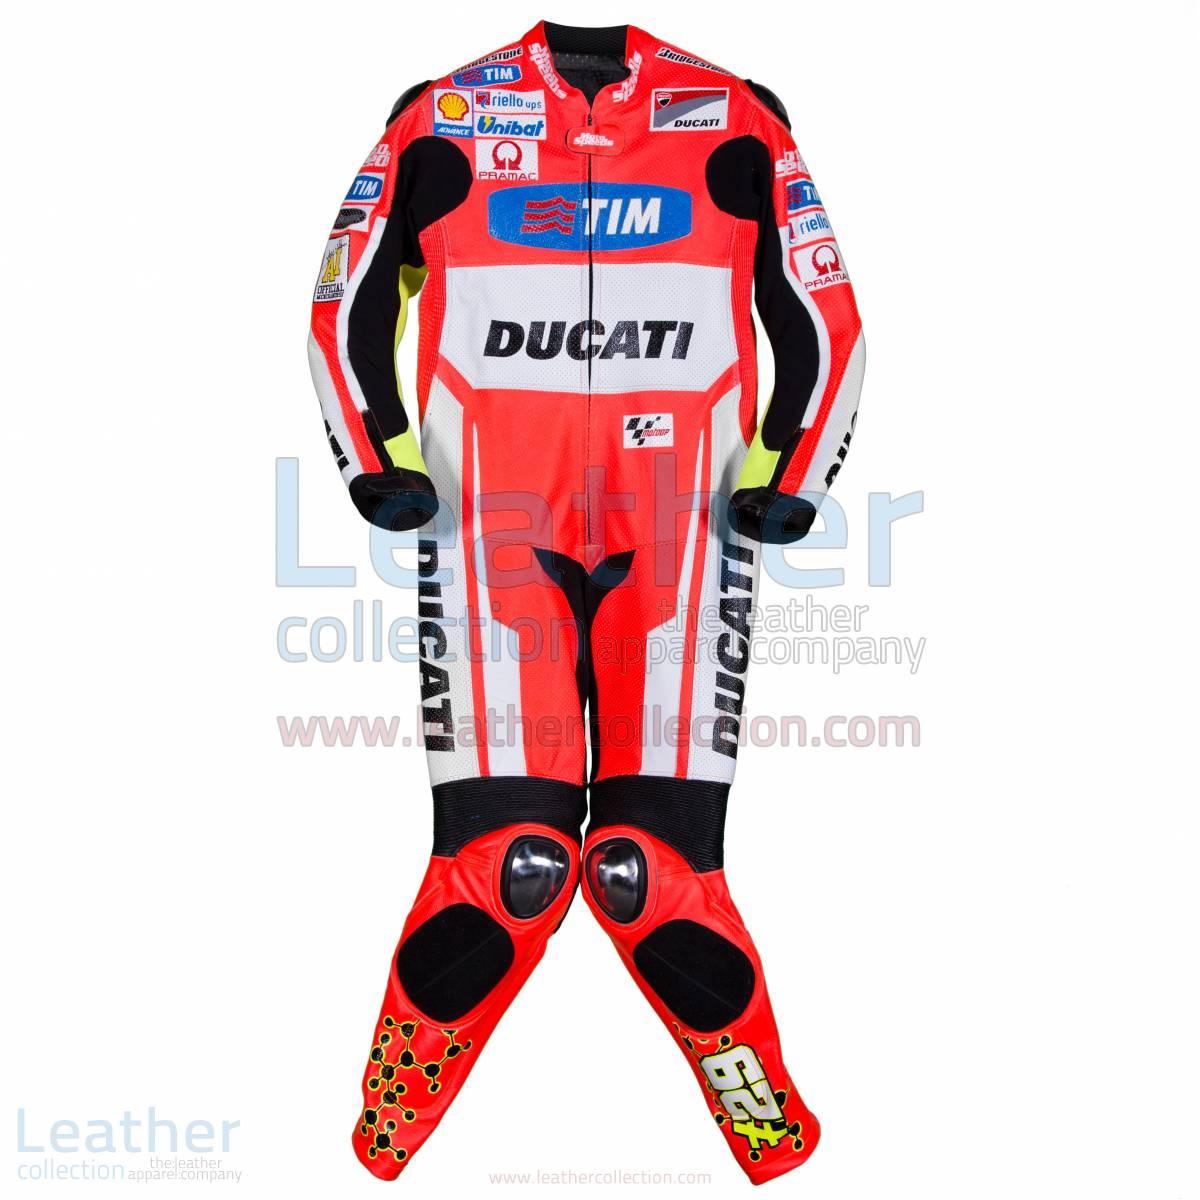 Andrea Iannone Ducati MotoGP 2015 Racing Suit – Ducati Suit